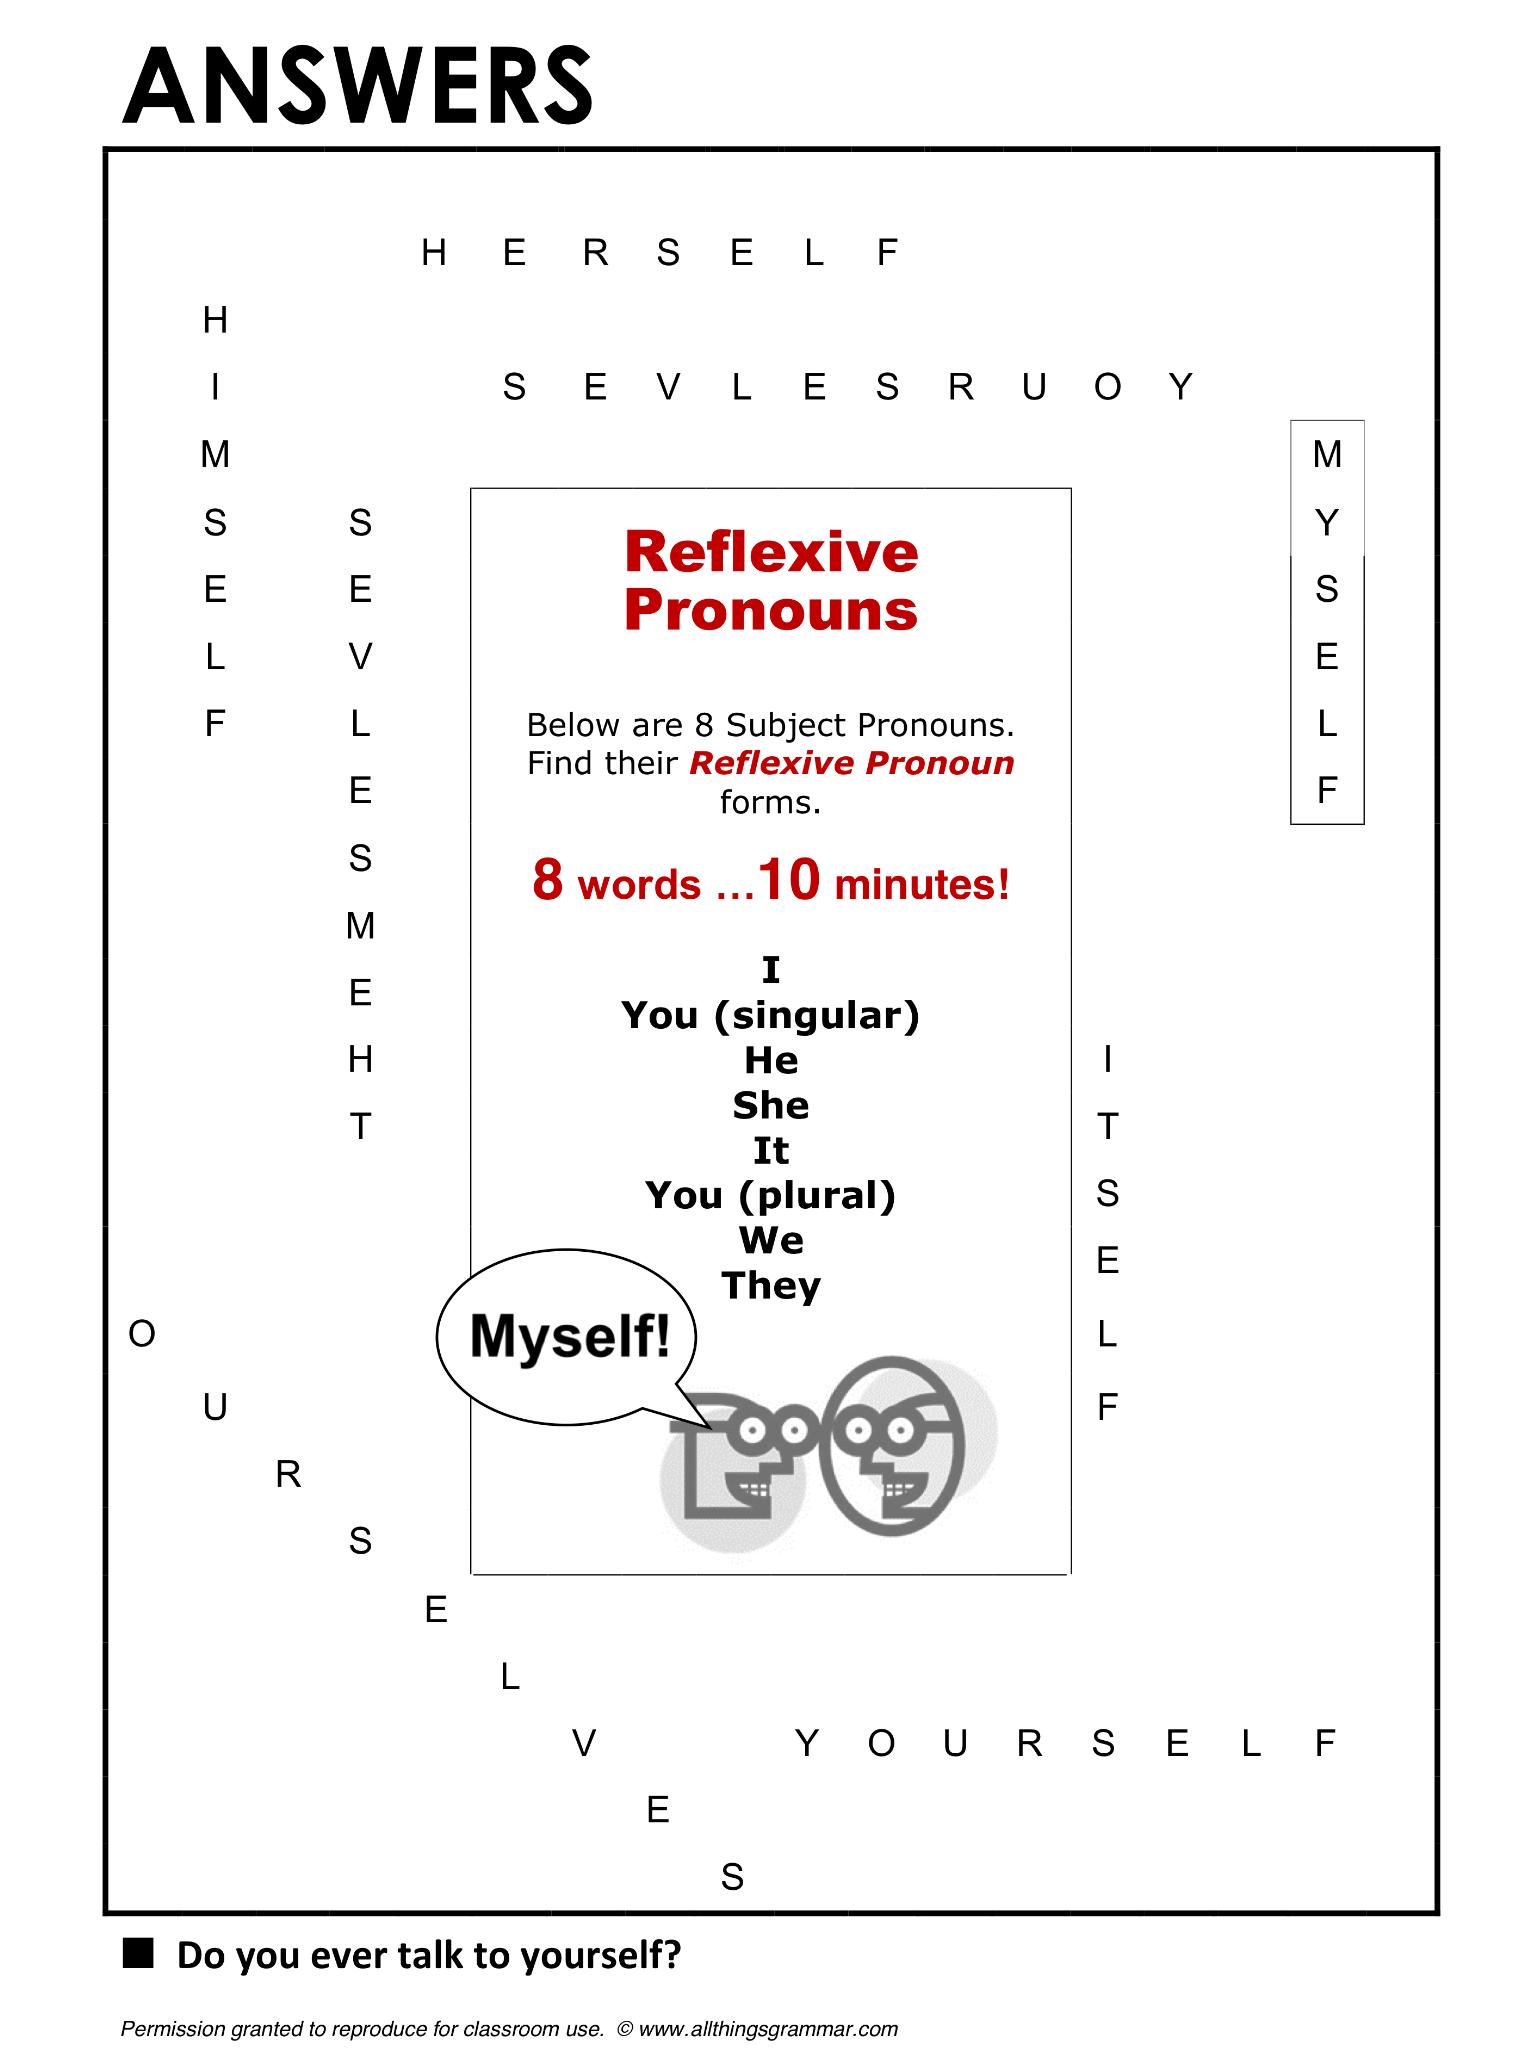 English Grammar Word Search Reflexive Pronouns Lthingsgrammar Reflexive